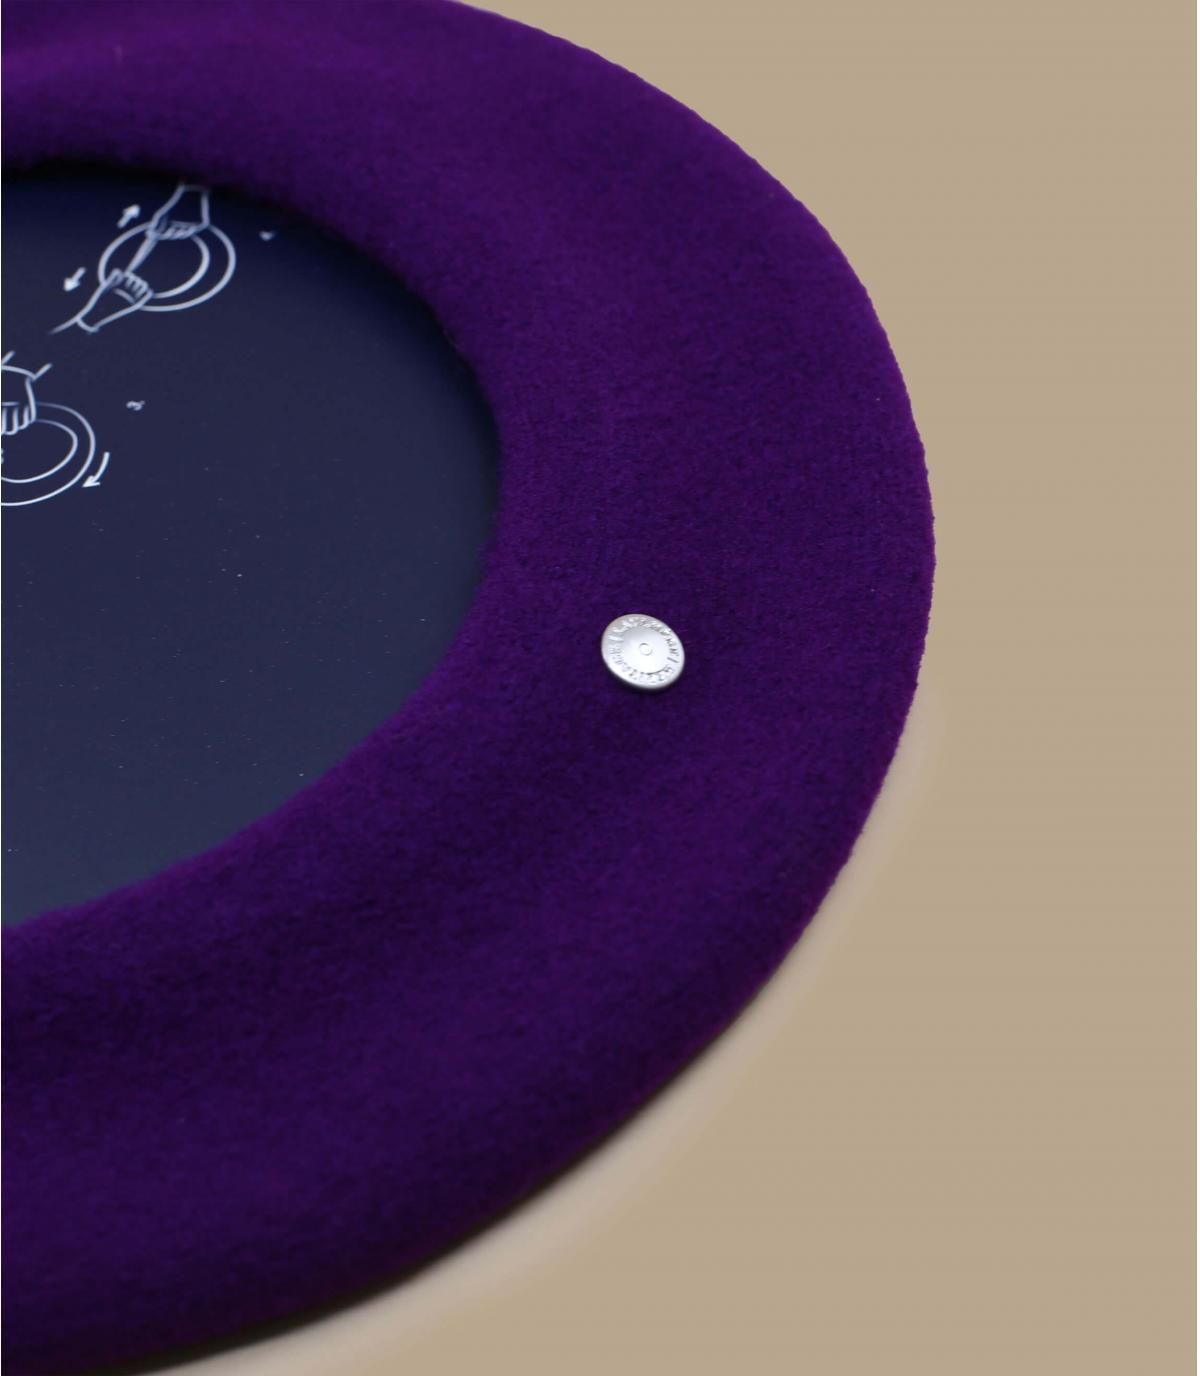 Détails L'Authentique violet - image 3